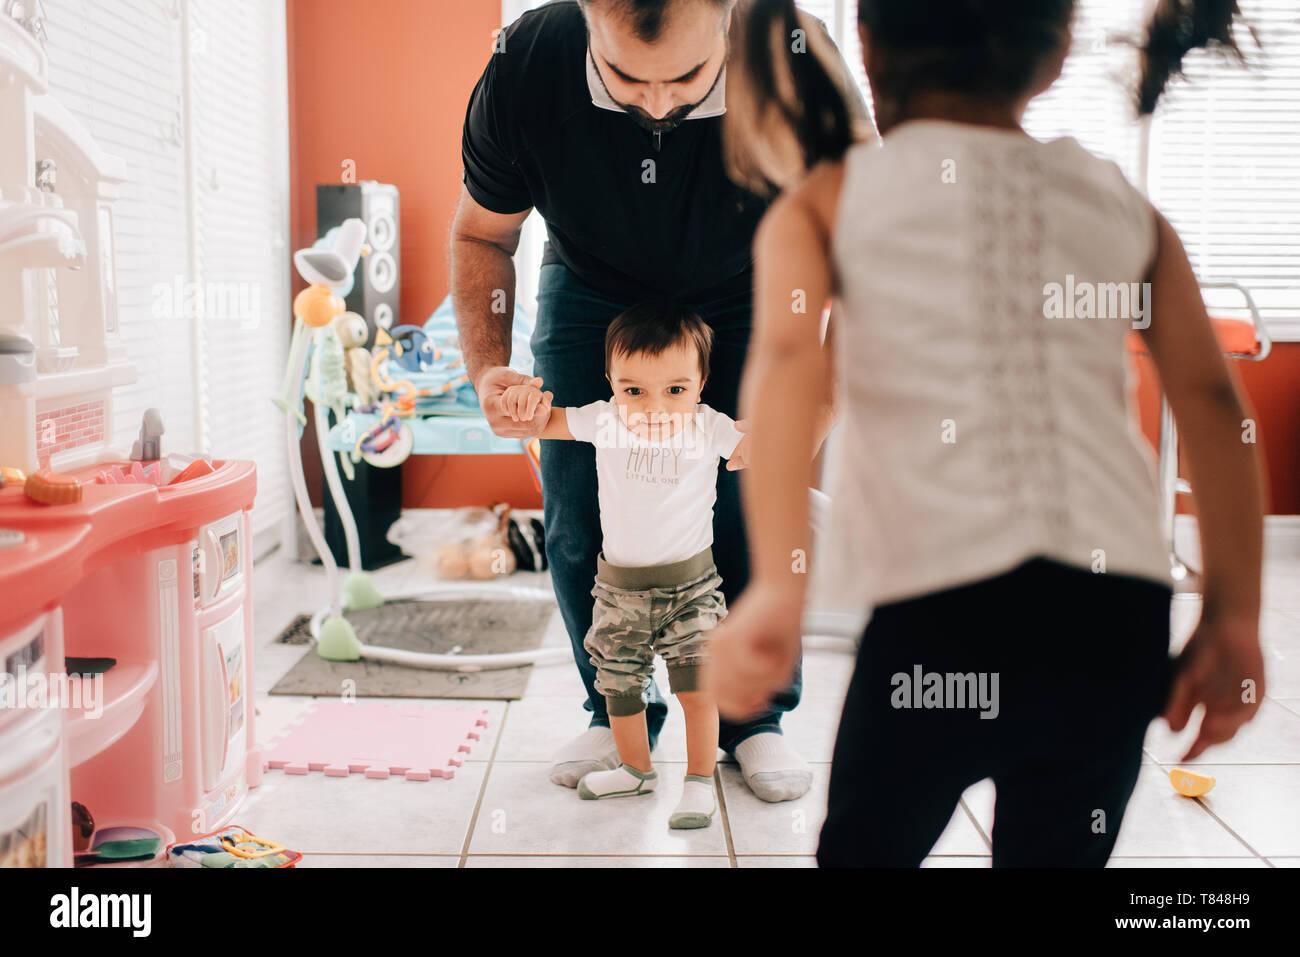 Niña delante del padre caminar hermanito en la cocina Foto de stock